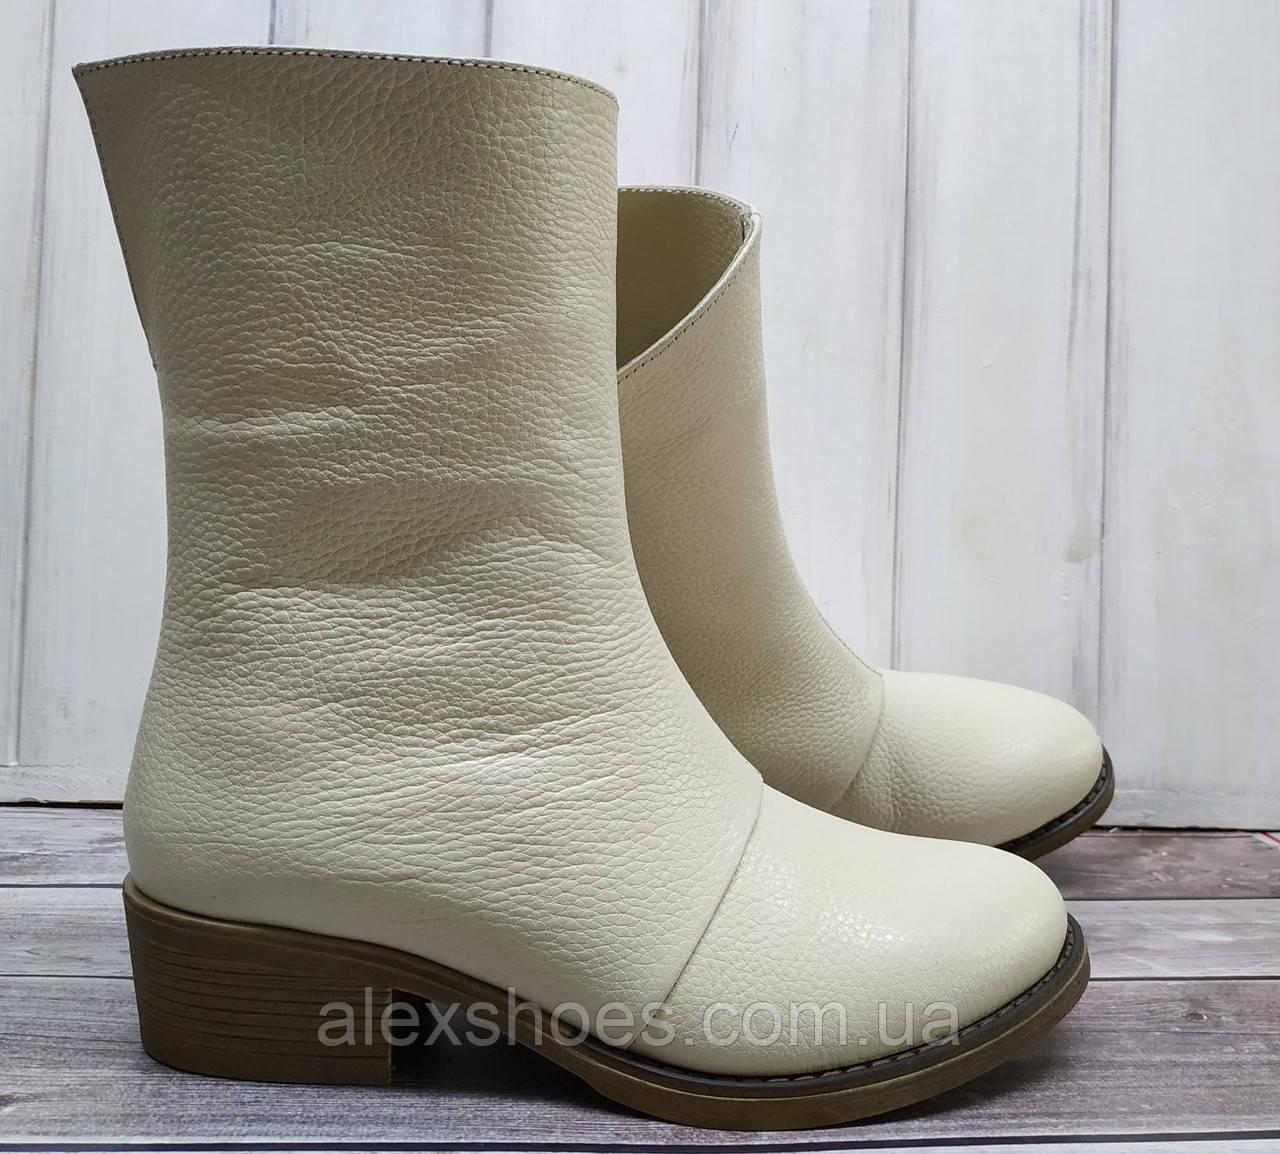 Ботинки женские на низком каблуке из натуральной кожи от производителя модель НИ304-7